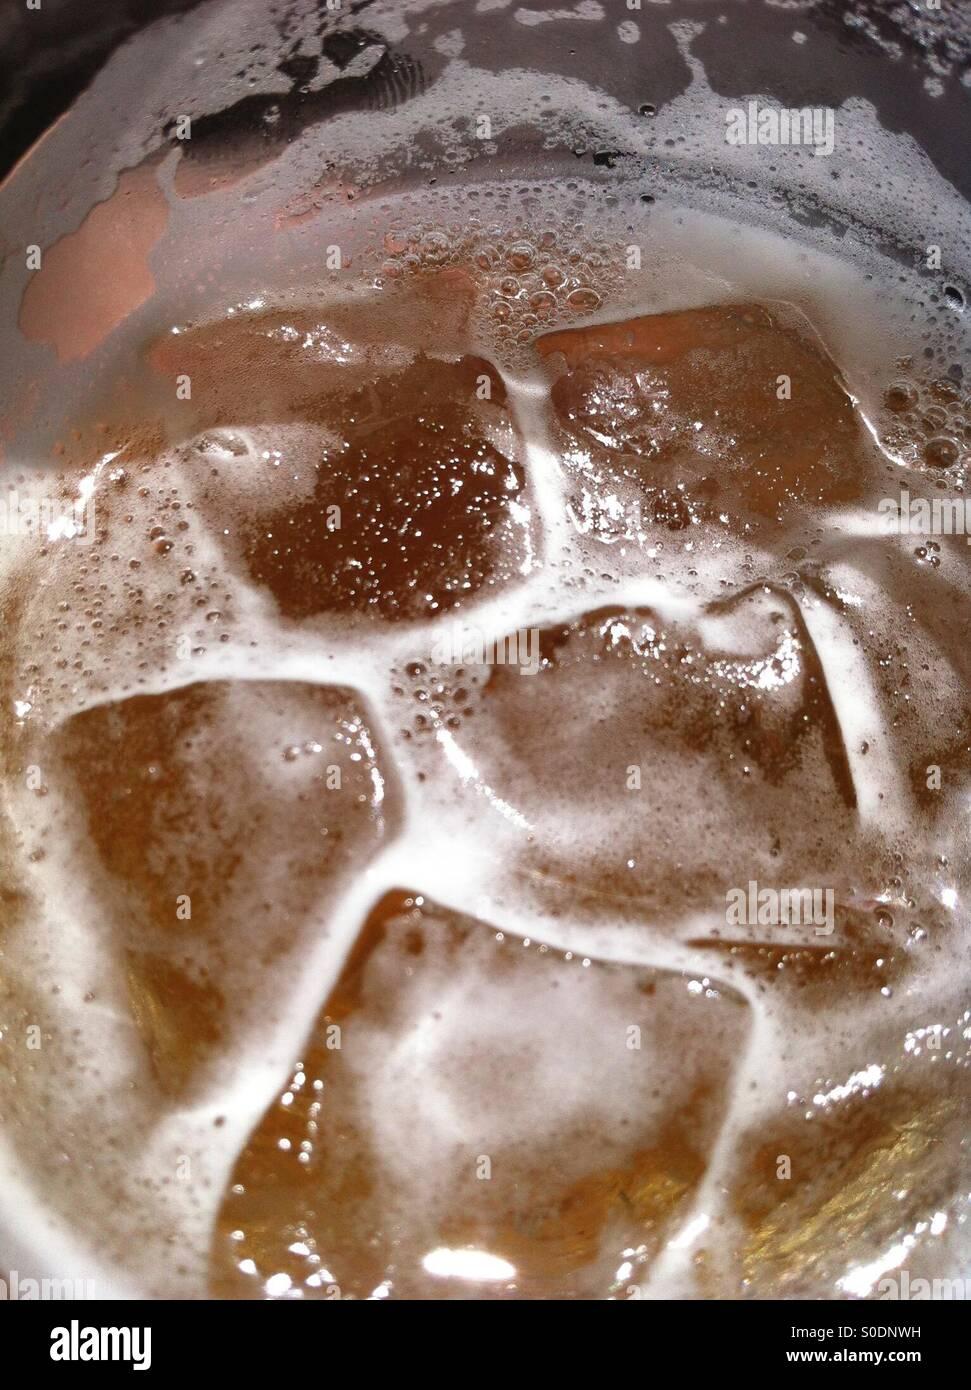 Di ghiaccio freddo la birra per rompere il calore estivo Immagini Stock